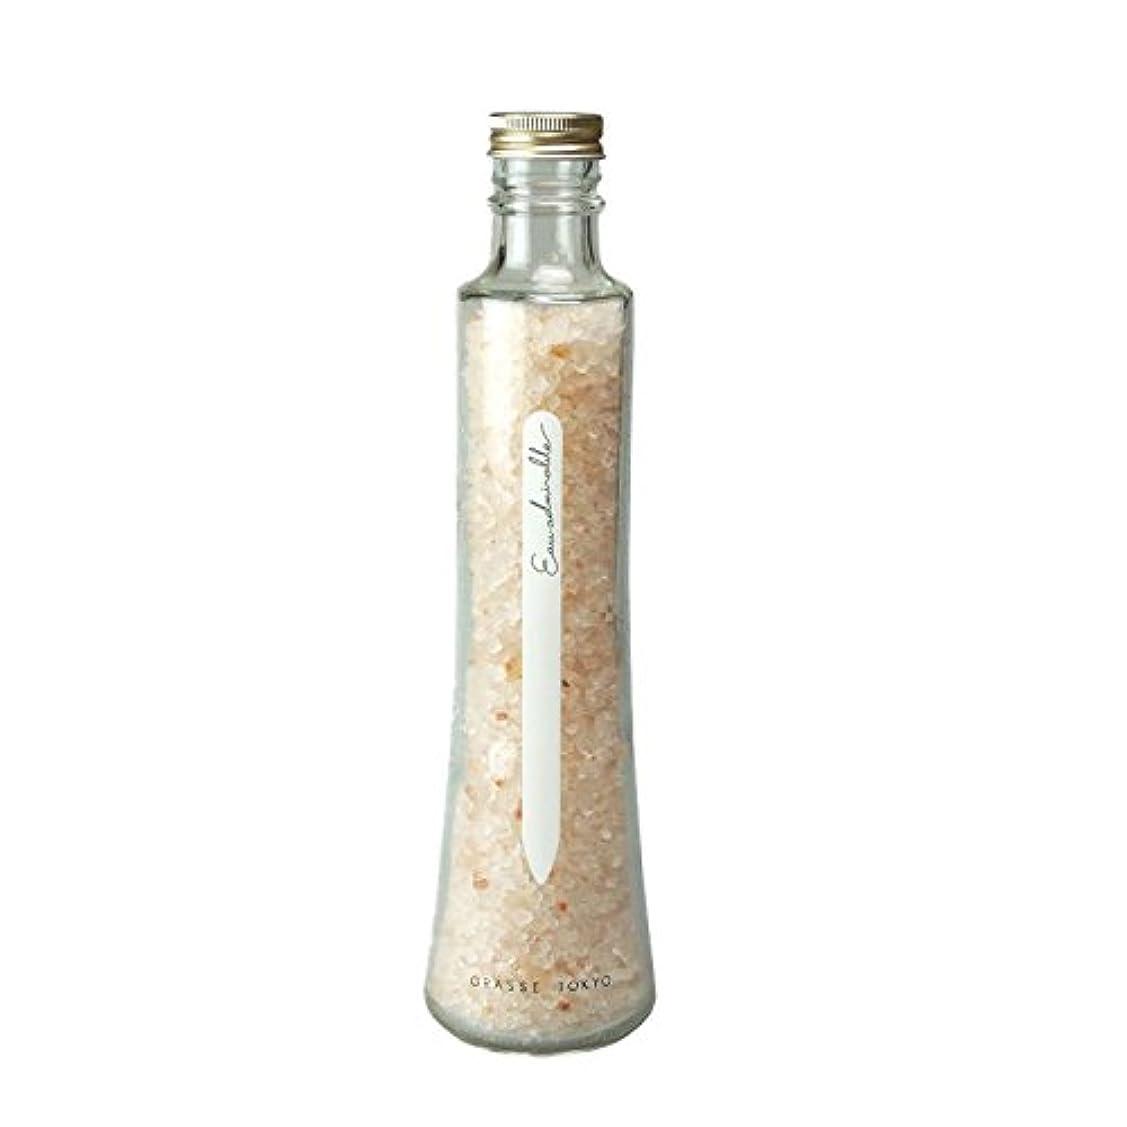 アラブ歌機関グラーストウキョウ フレグランスソルト(浴用、12回分ボトル) Eau admirable 360g